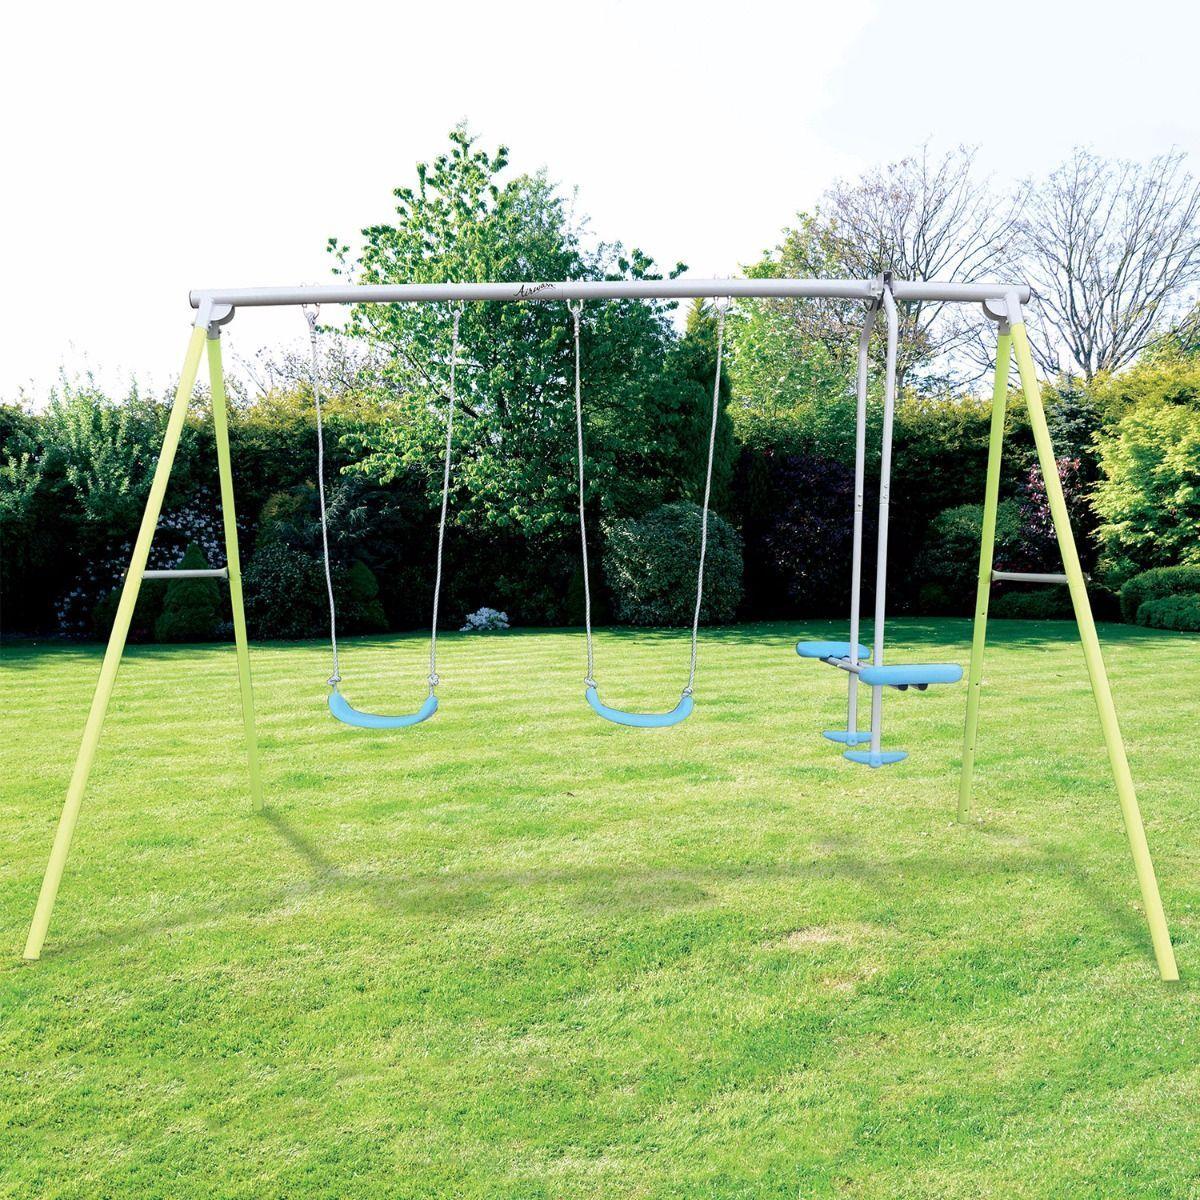 Airwave Stratus Jardín Doble Swing y Planeador Infantil Exterior Set de Juego